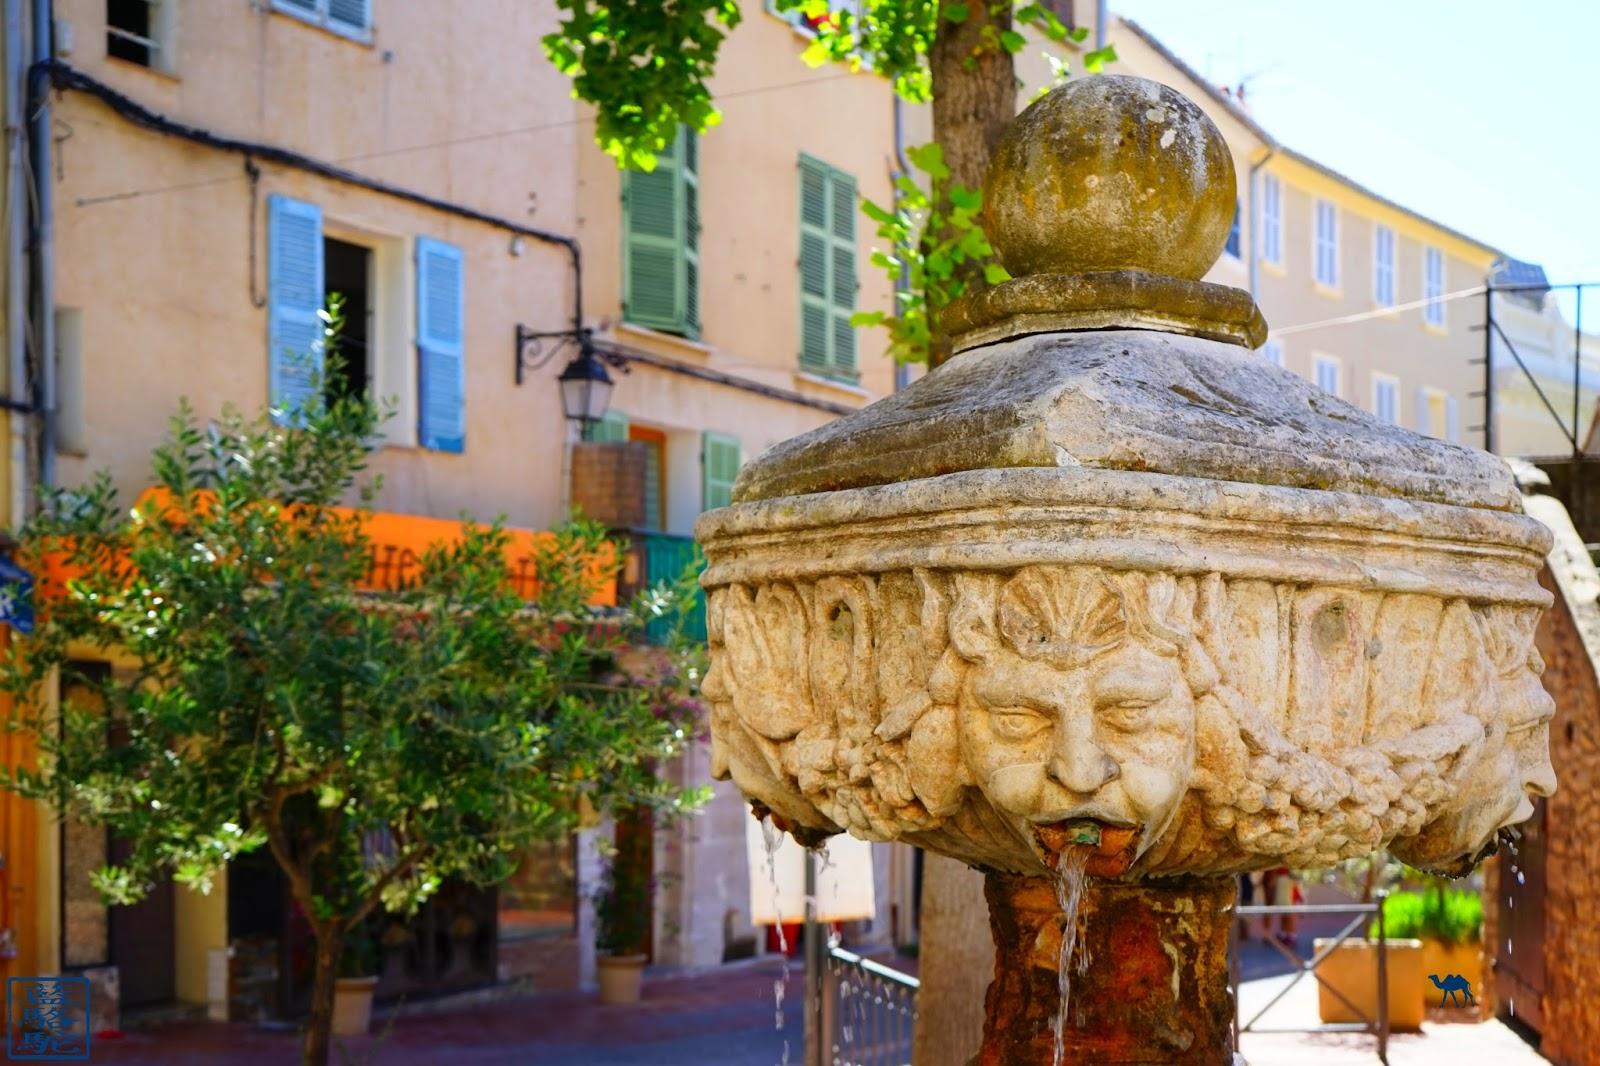 Le Chameau Bleu - Blog Voyage Ollioules - Visite de la Ville - Var France